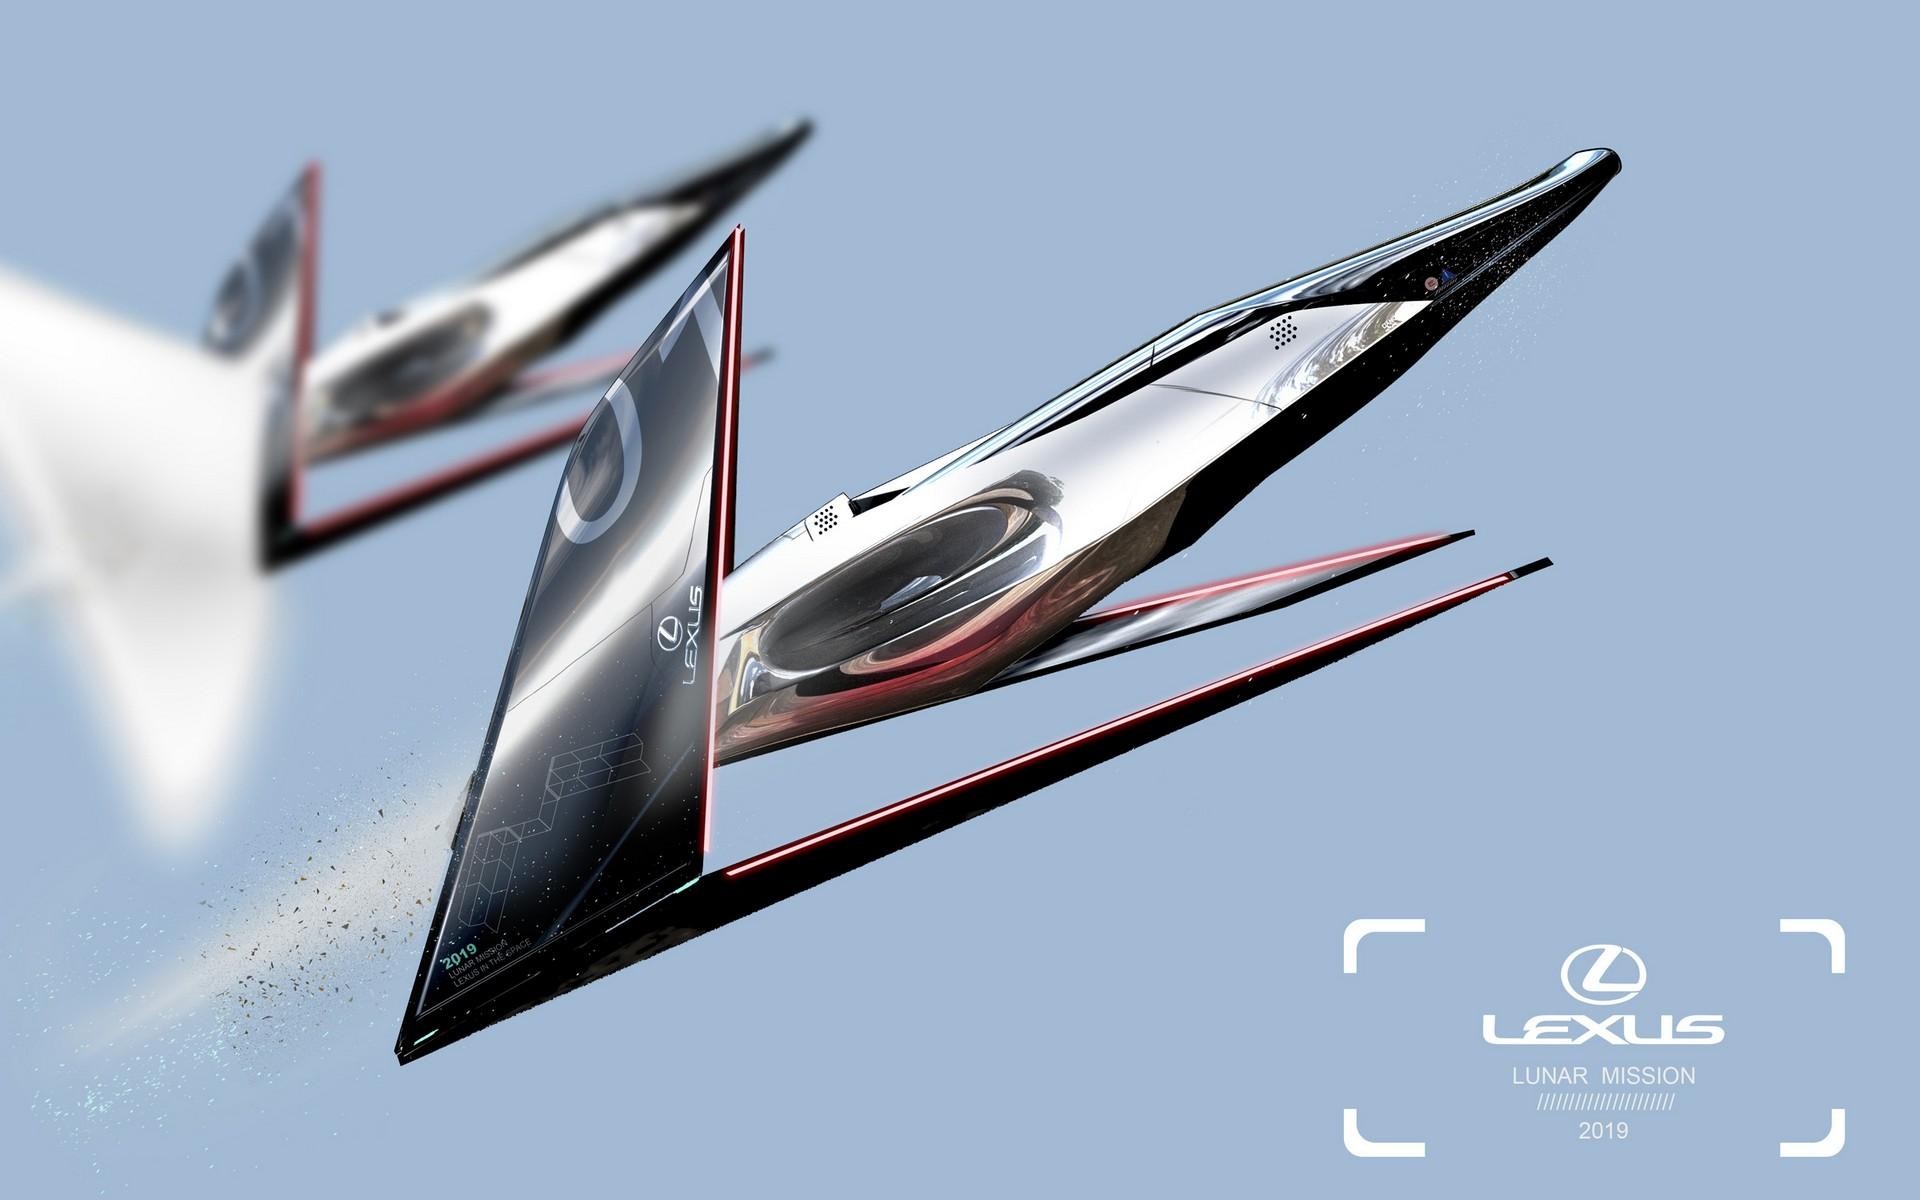 Lexus-Moon-Mobility-Concepts-8